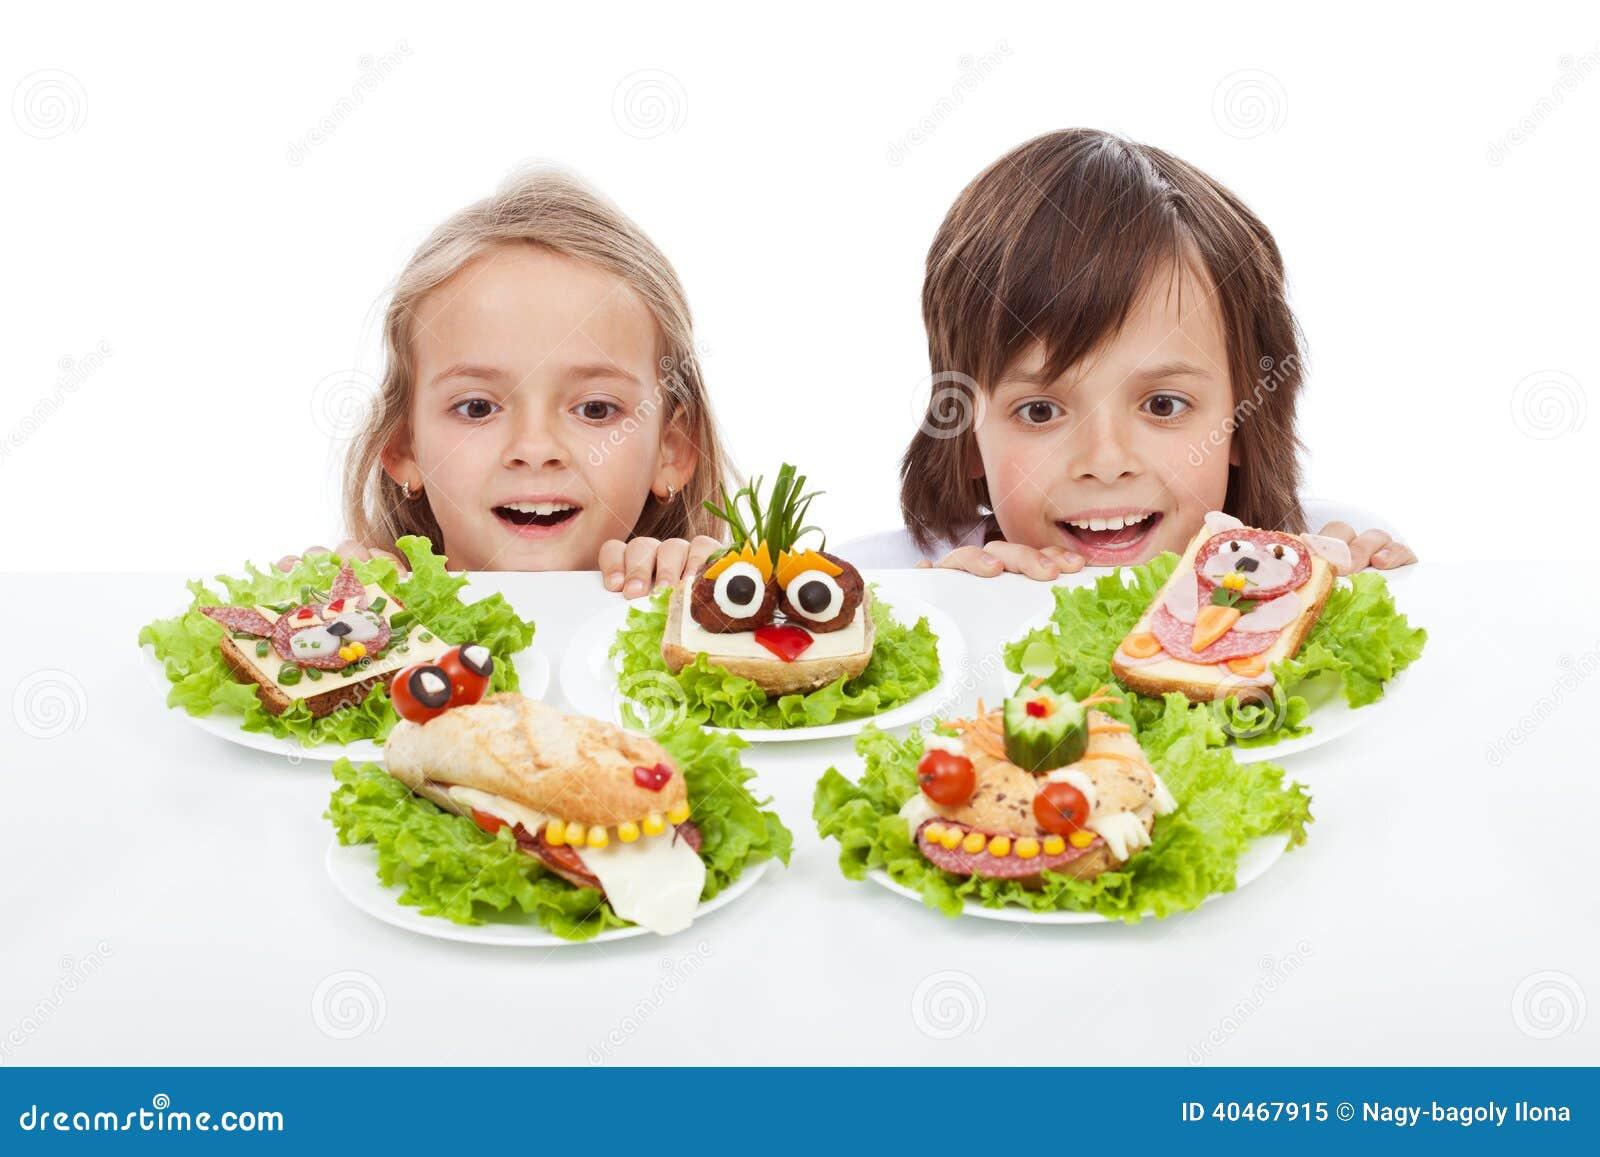 Дети открывая здоровую альтернативу сандвича